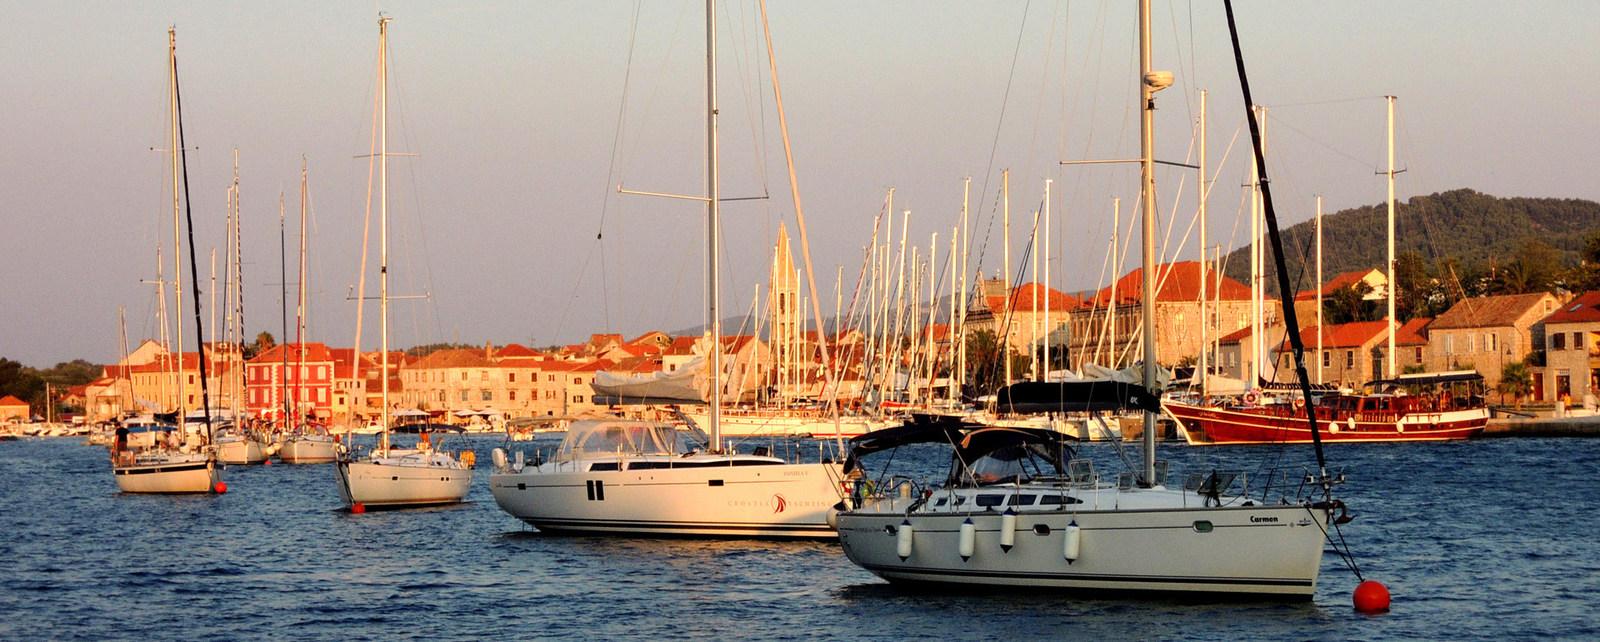 Wind-Wine Croatia Sailboats